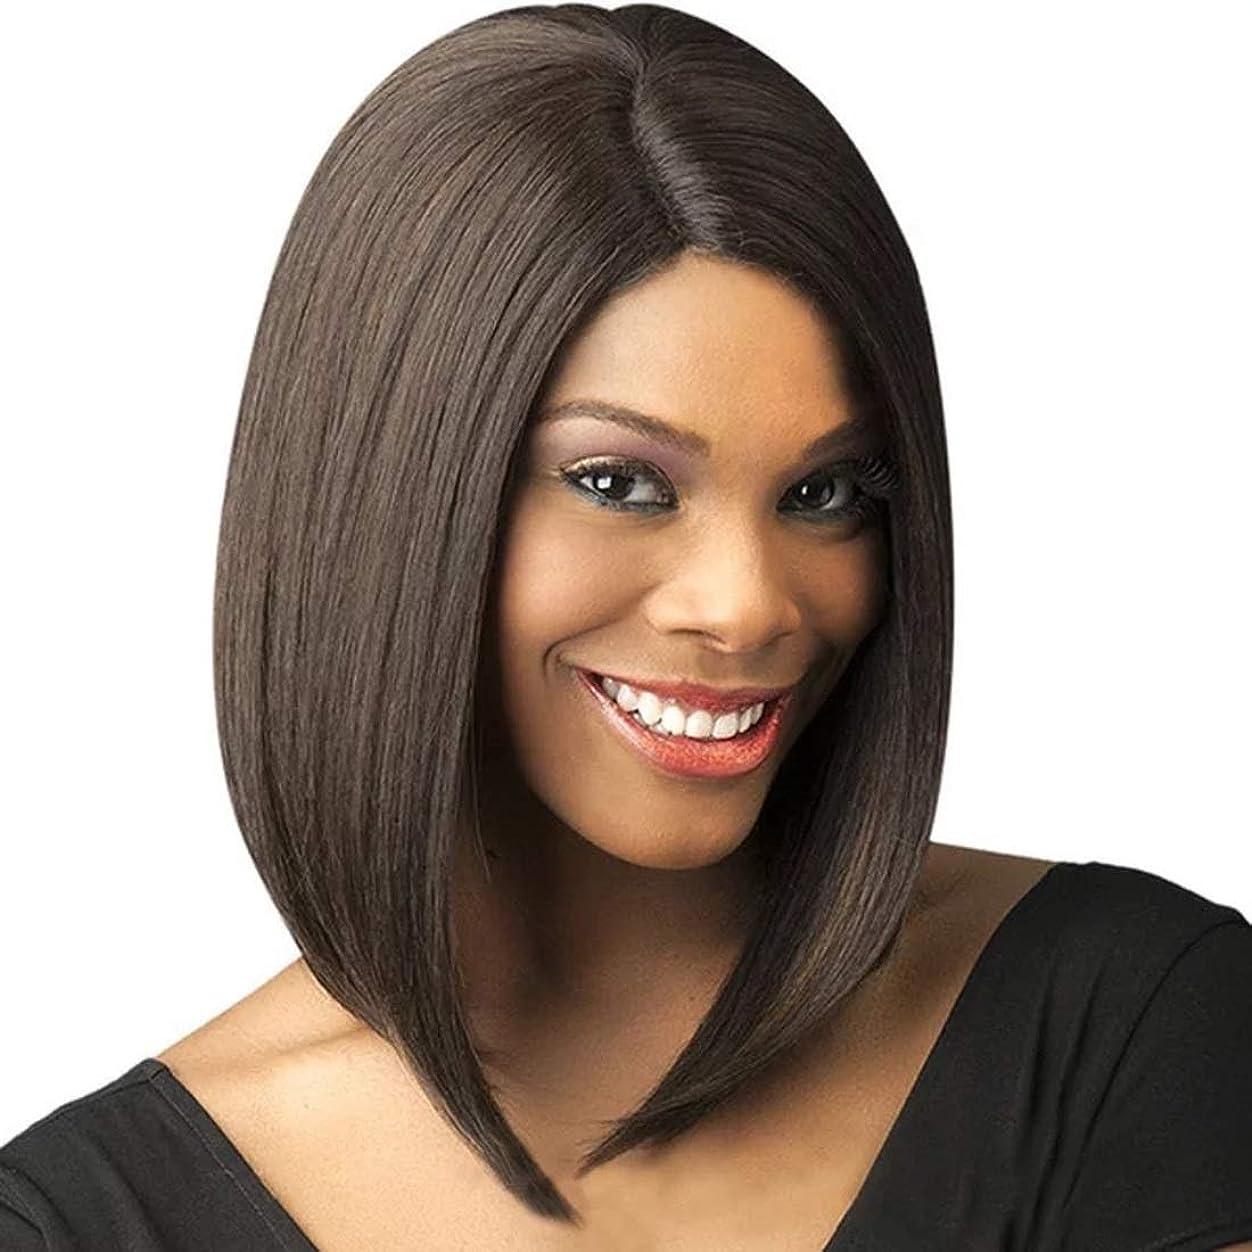 孤独枯れるマウスピースKoloeplf 女性用合成高温かつらロングミディアムロング前髪かつら女性用フルヘッドストレートヘア12インチ/ 180g(ブラック/ダークブラウン/ライトブラウン)